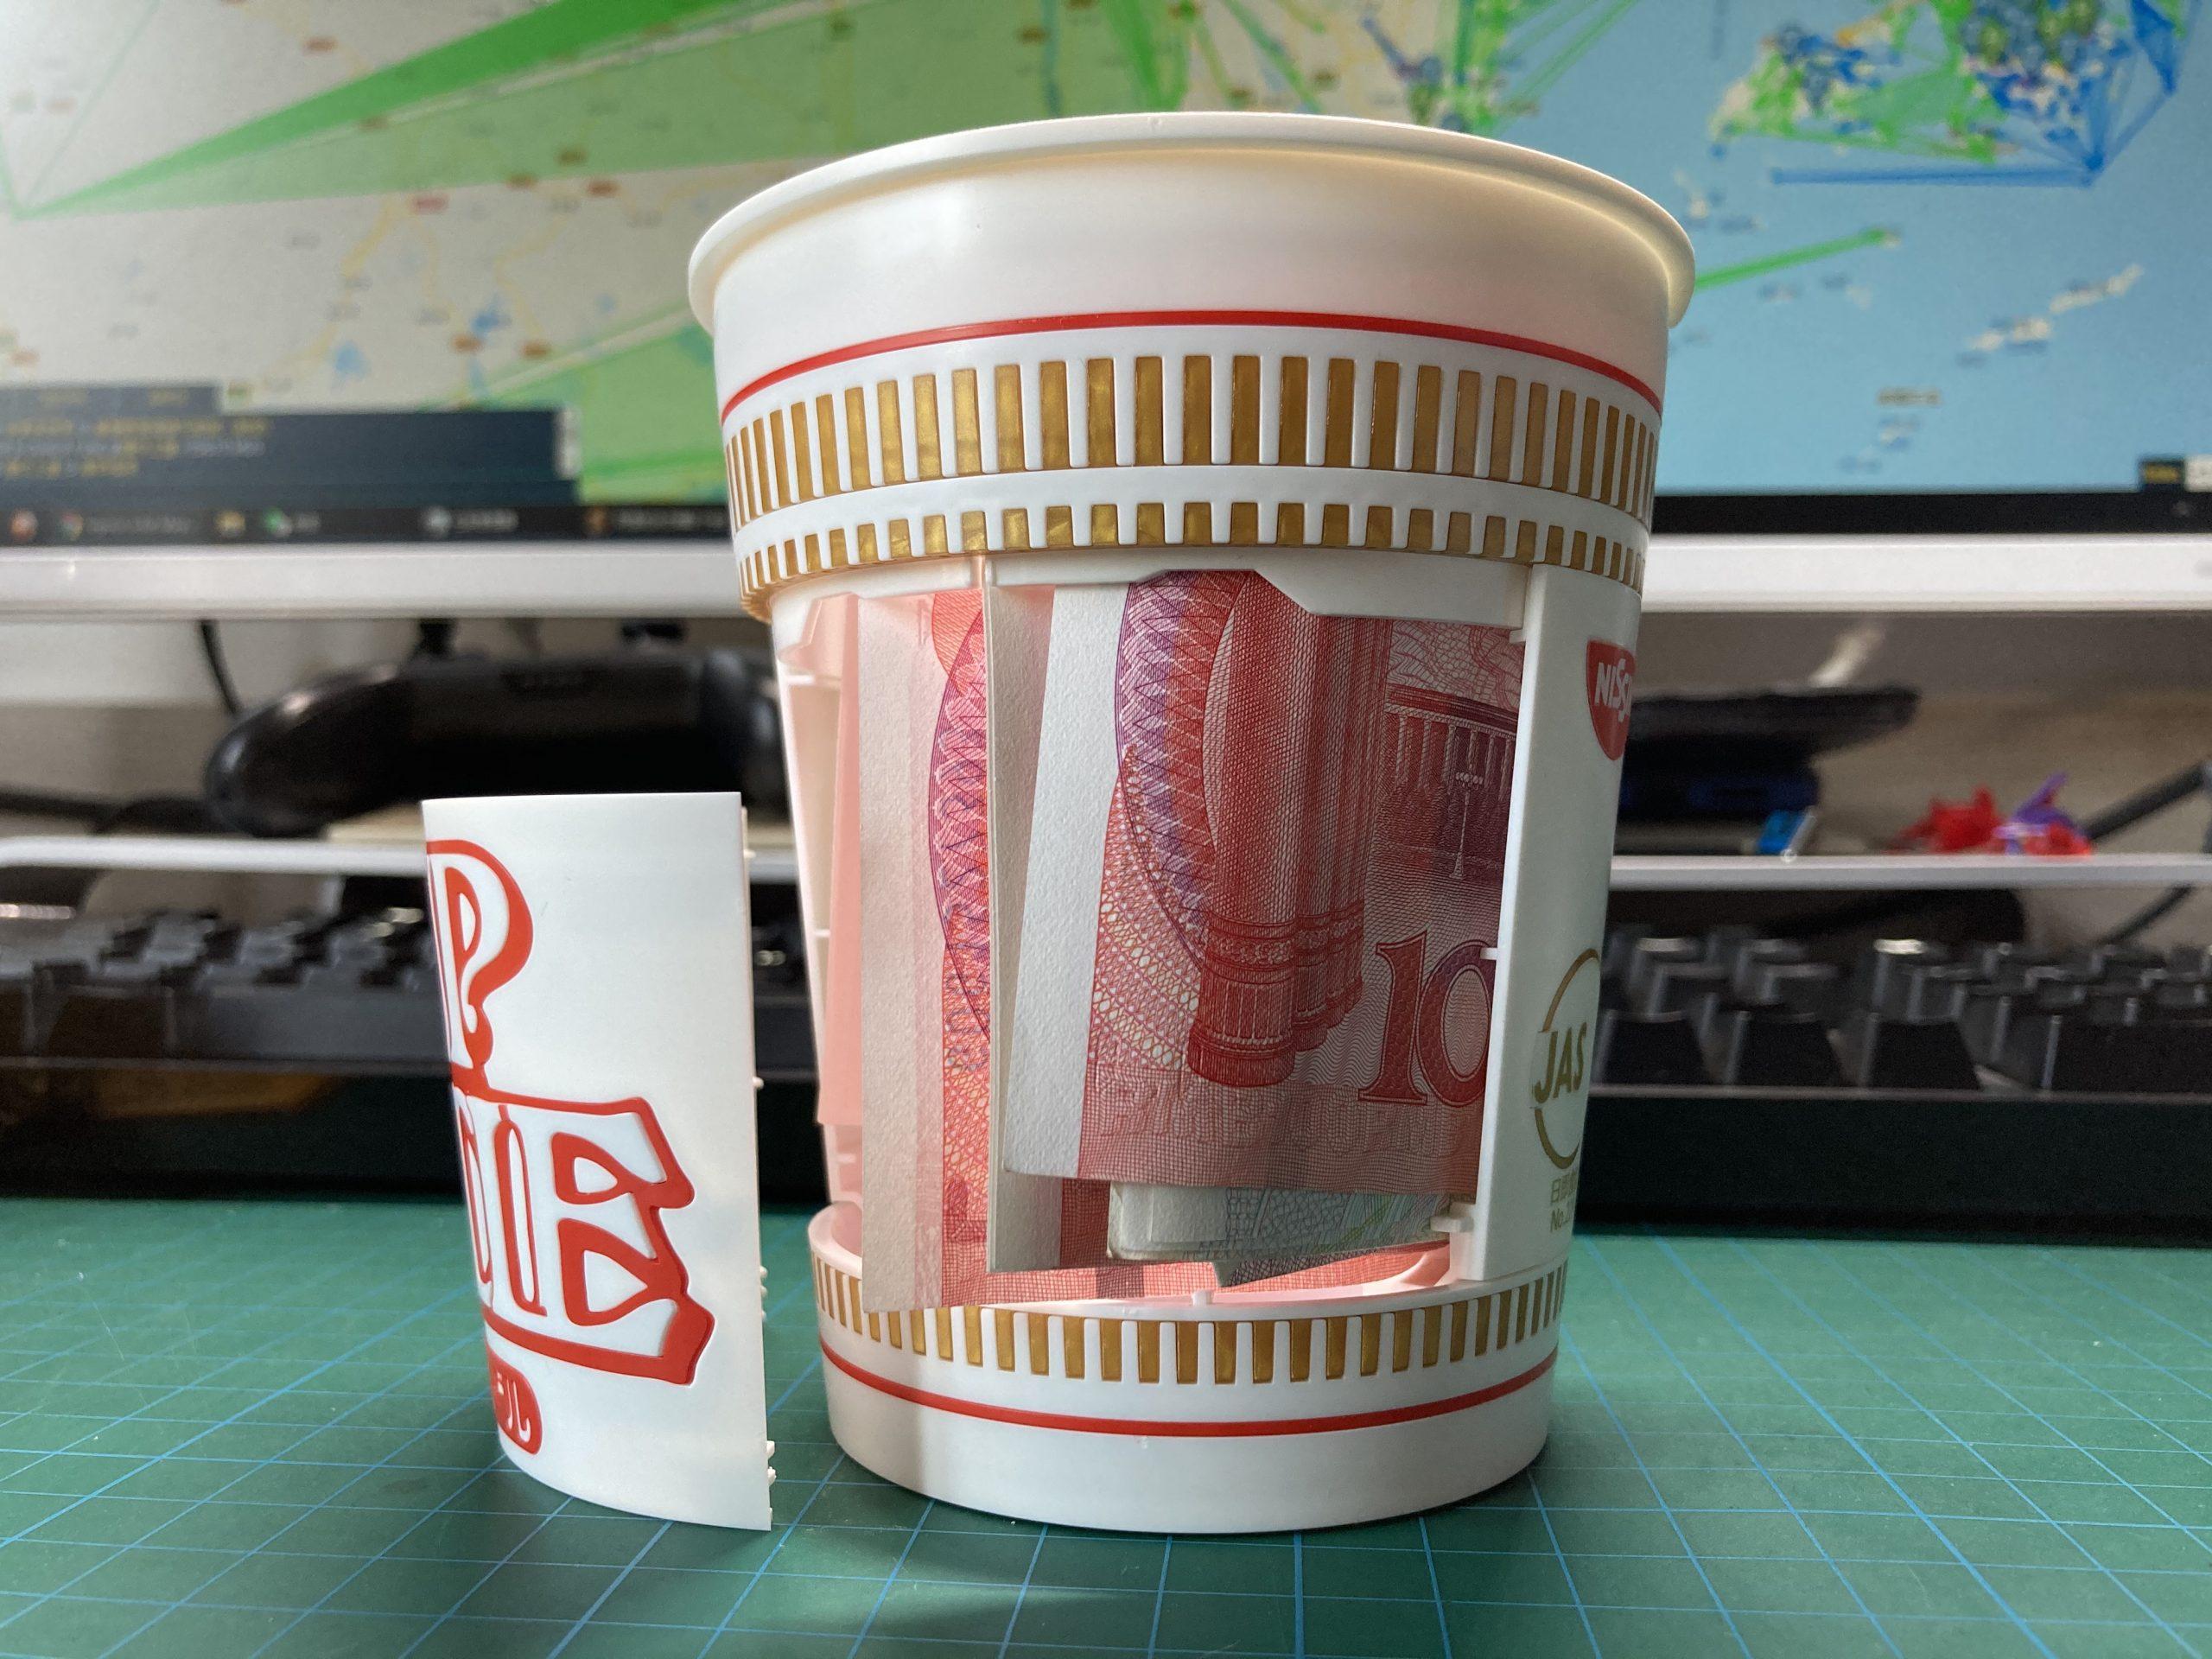 花了一百多块买了盒杯面,而且还不能吃?-茶几部落